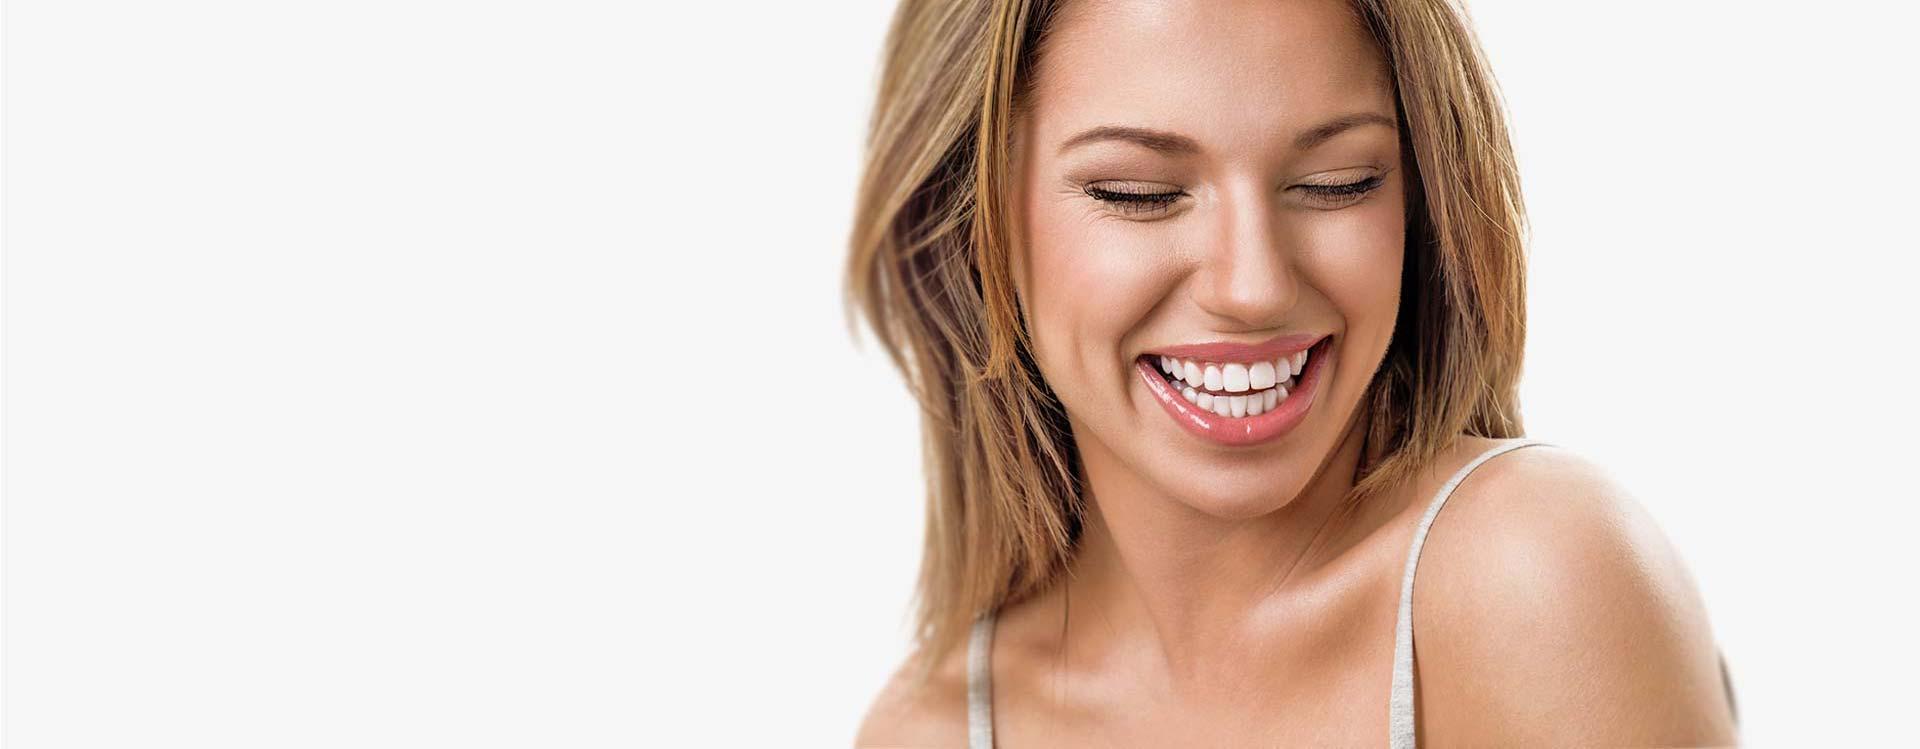 En tandprotese – et smukt og harmonisk smil.